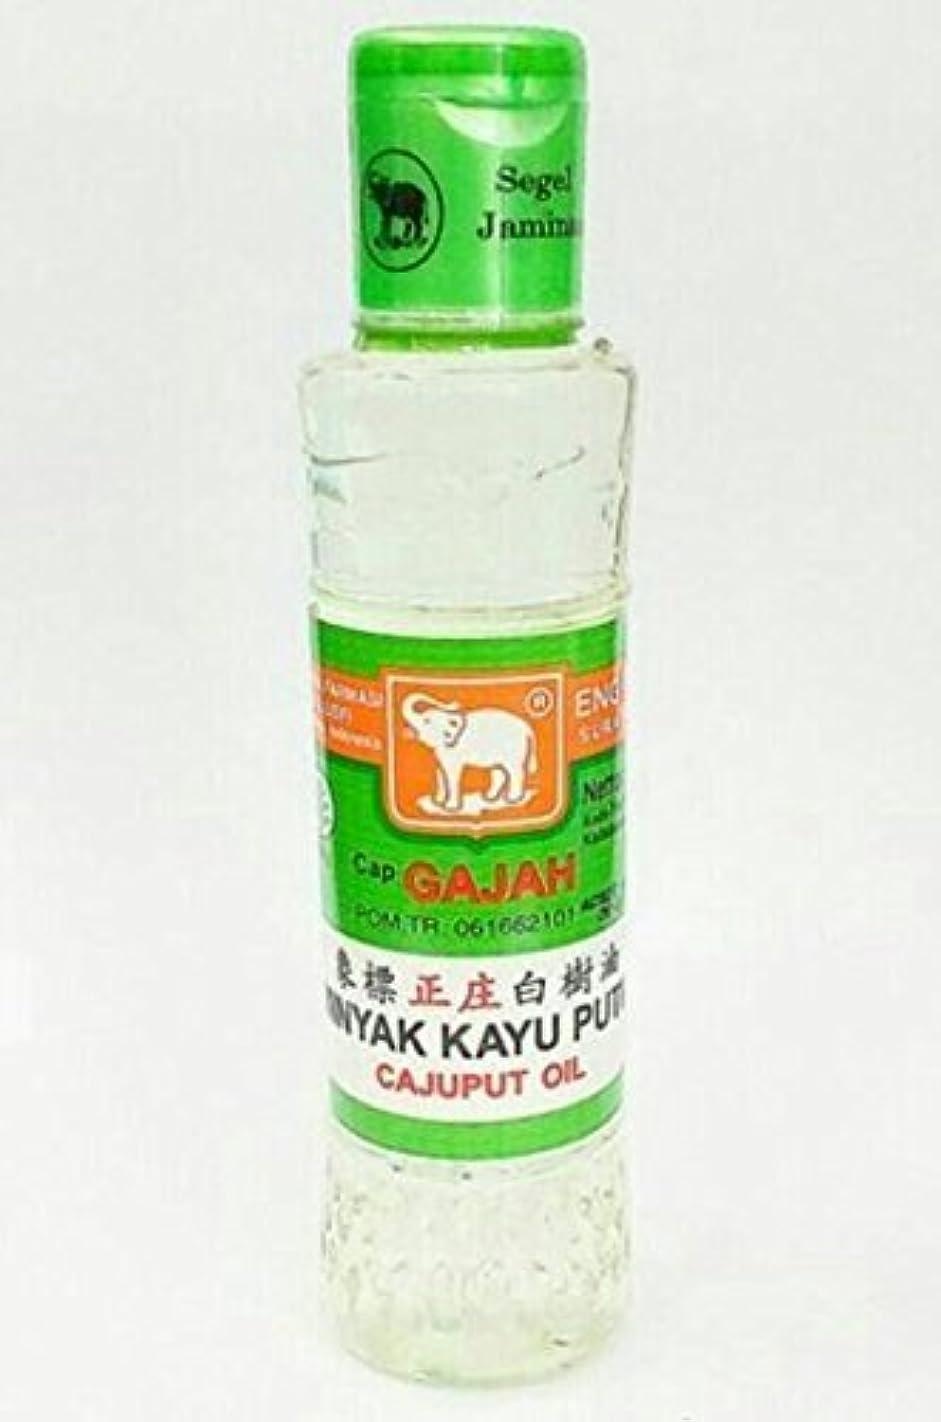 局歩道士気Cap Gajah Minyak Kayu Putih - Elephant Brand Cajuput Oil, 120ml by Elephant Brand